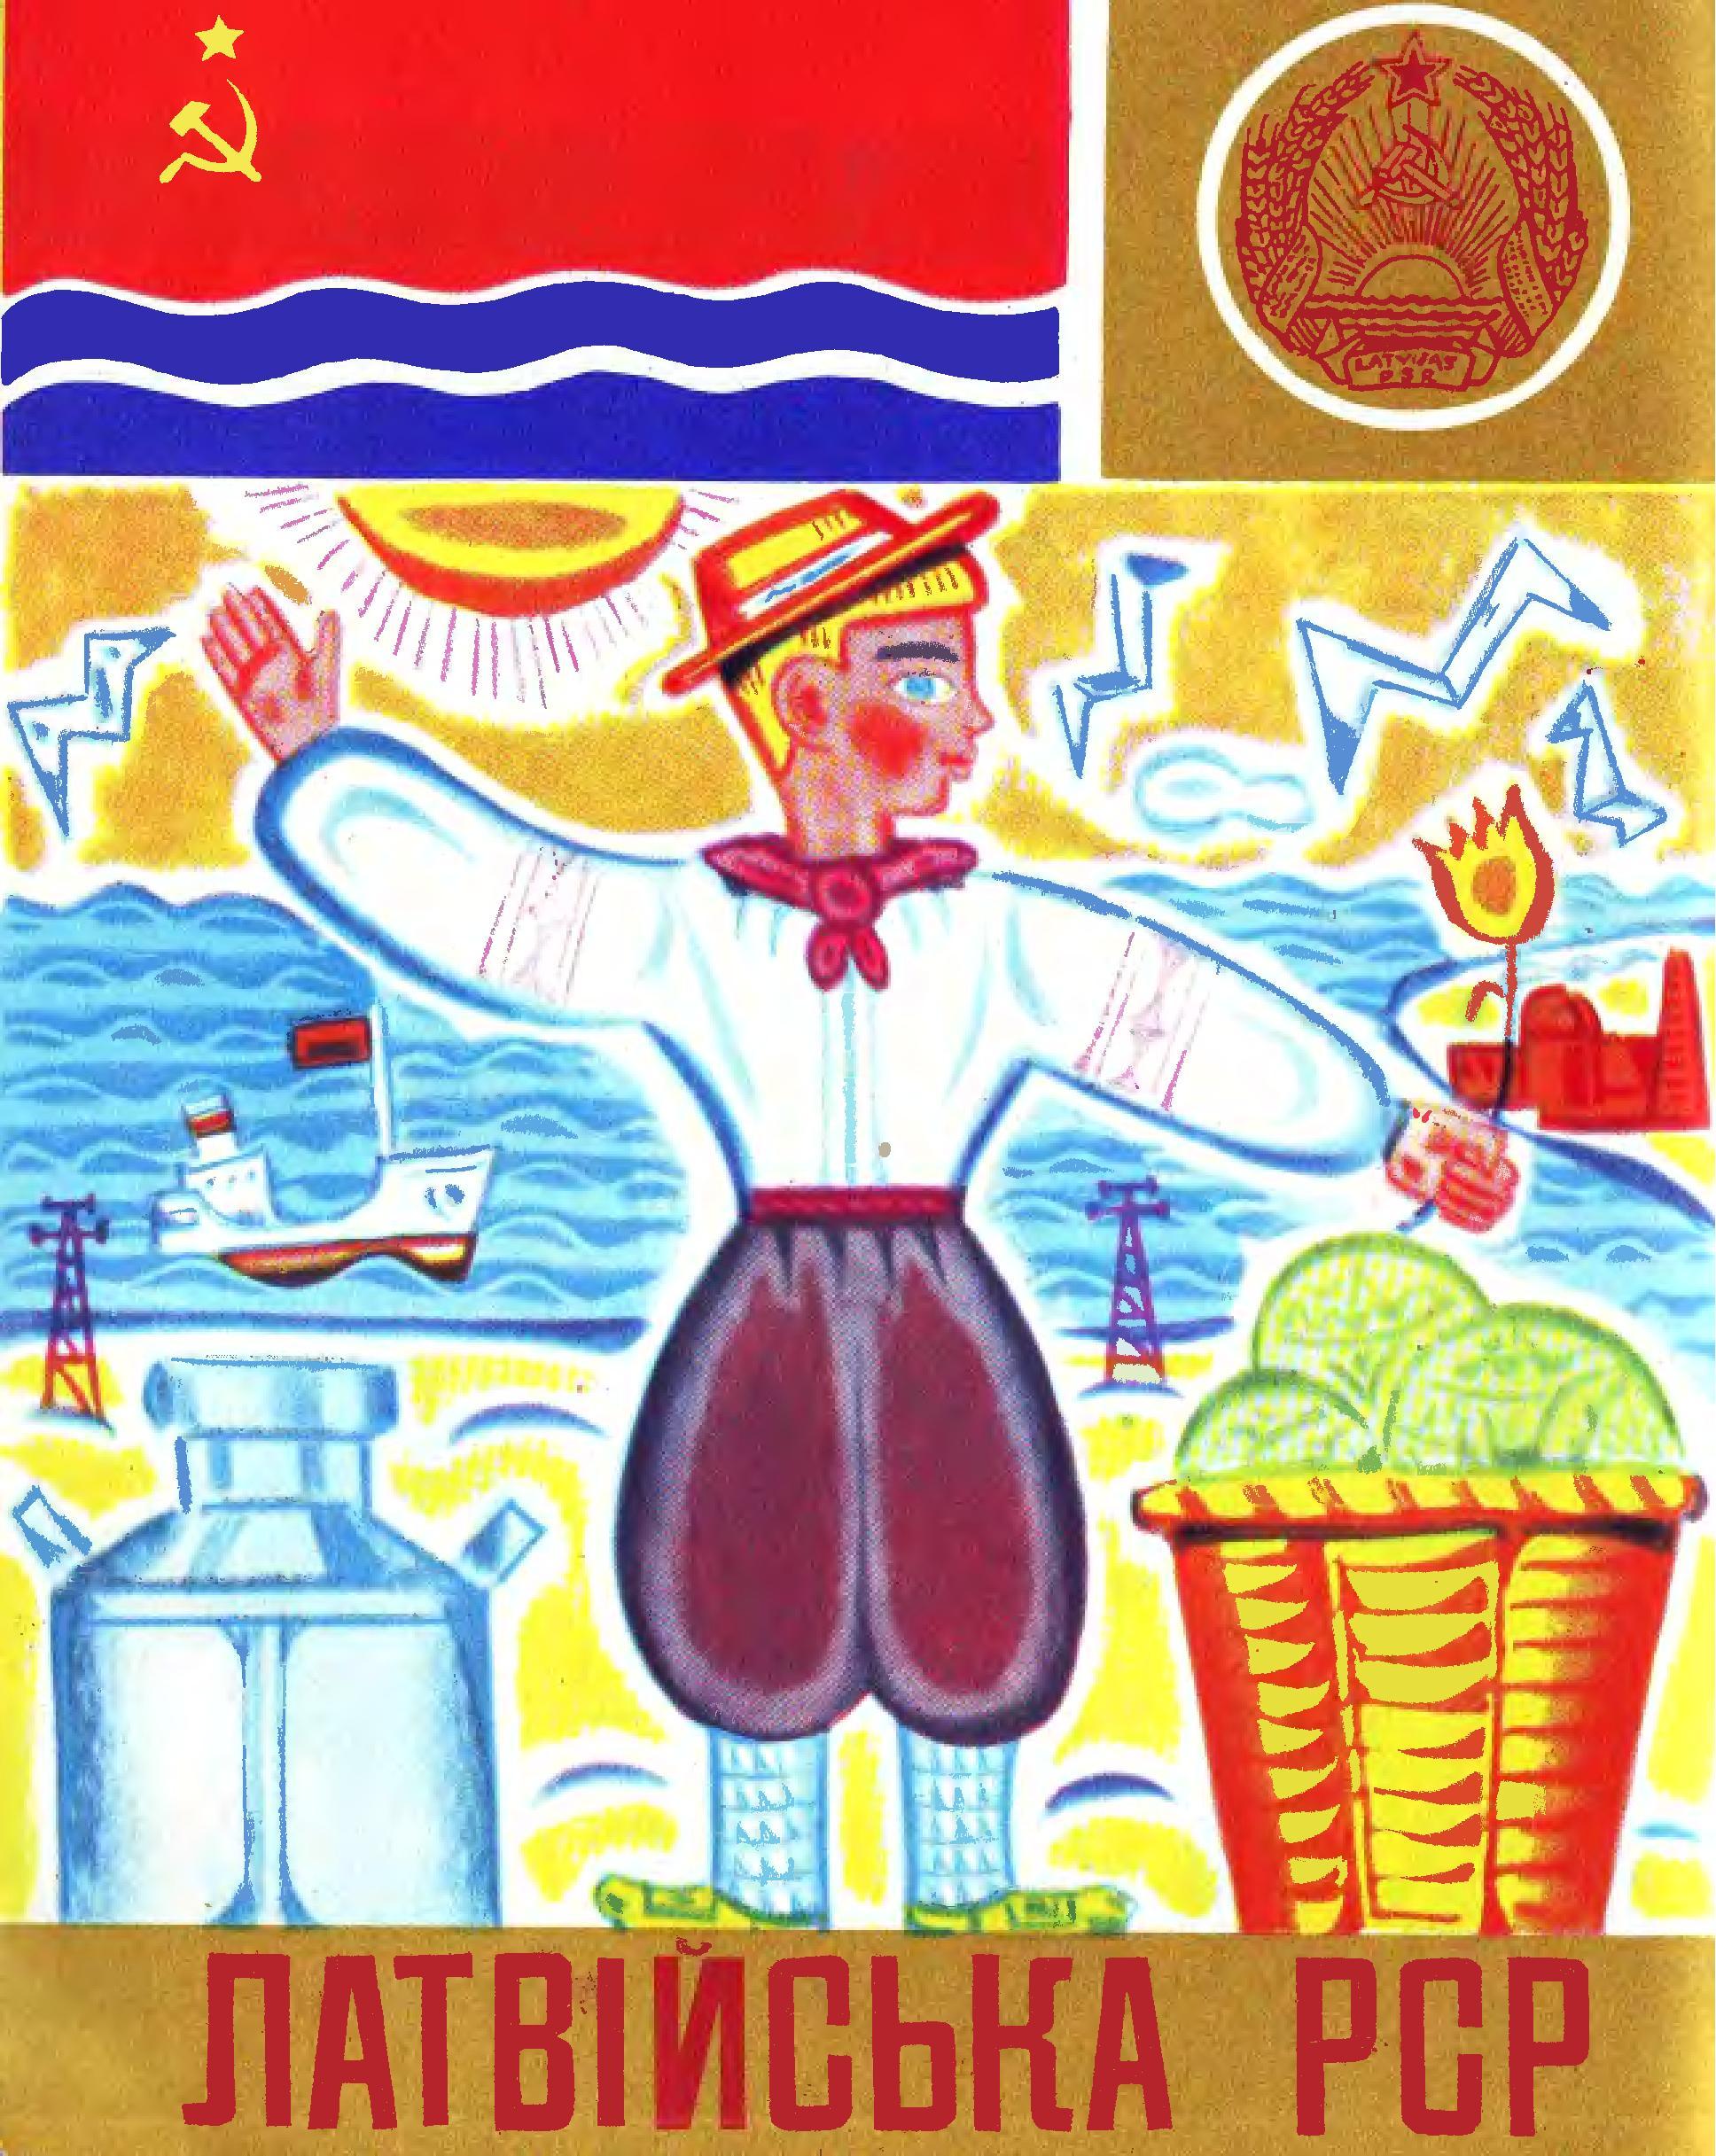 Прапори Країни Рад - 3.jpg